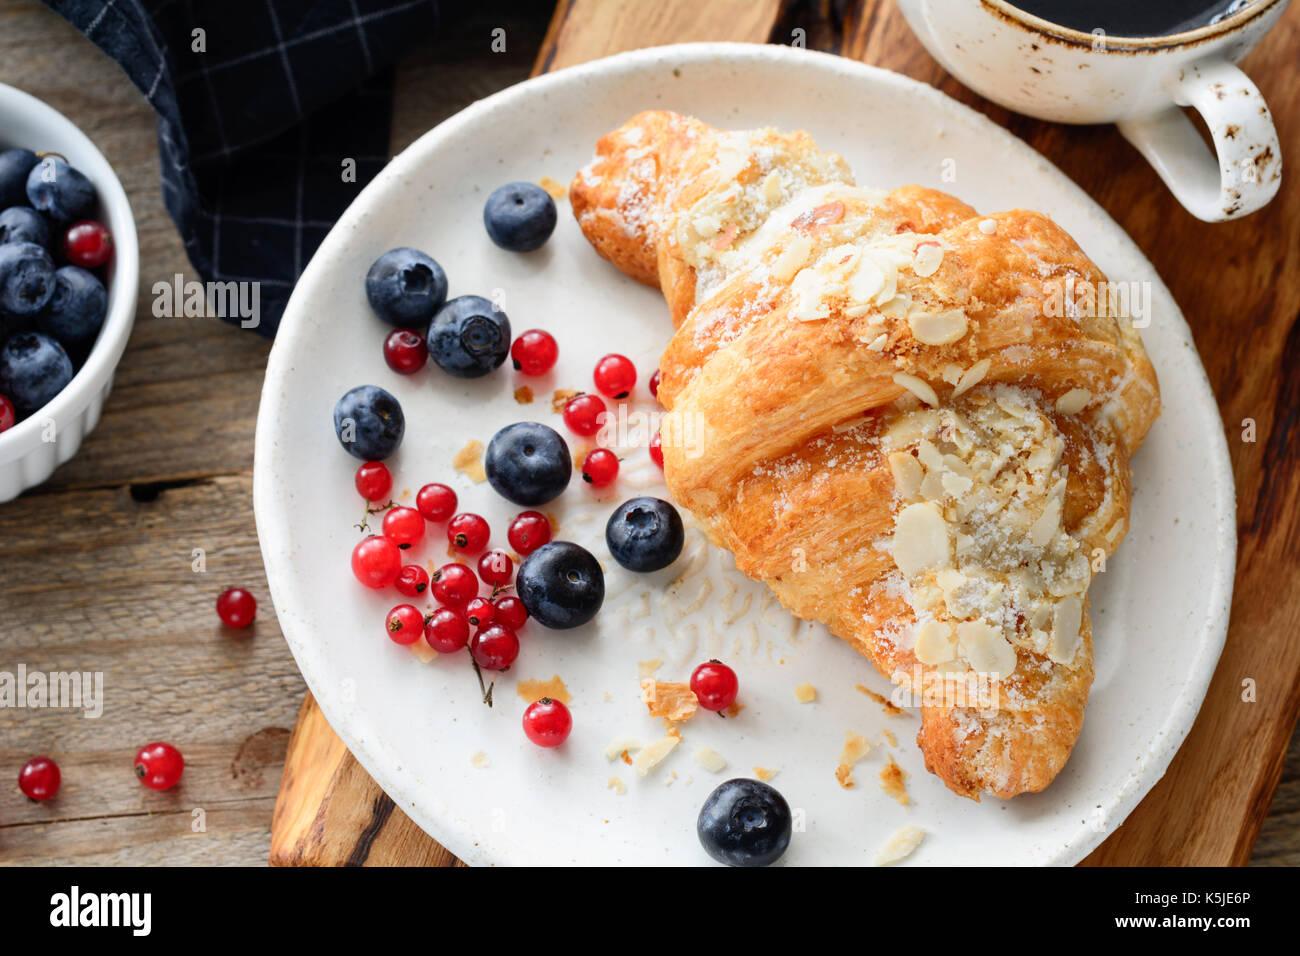 Frische Croissants, Heidelbeeren und roten Johannisbeeren auf weiße Platte. Kontinentales Frühstück. Horizontale Zusammensetzung Stockbild